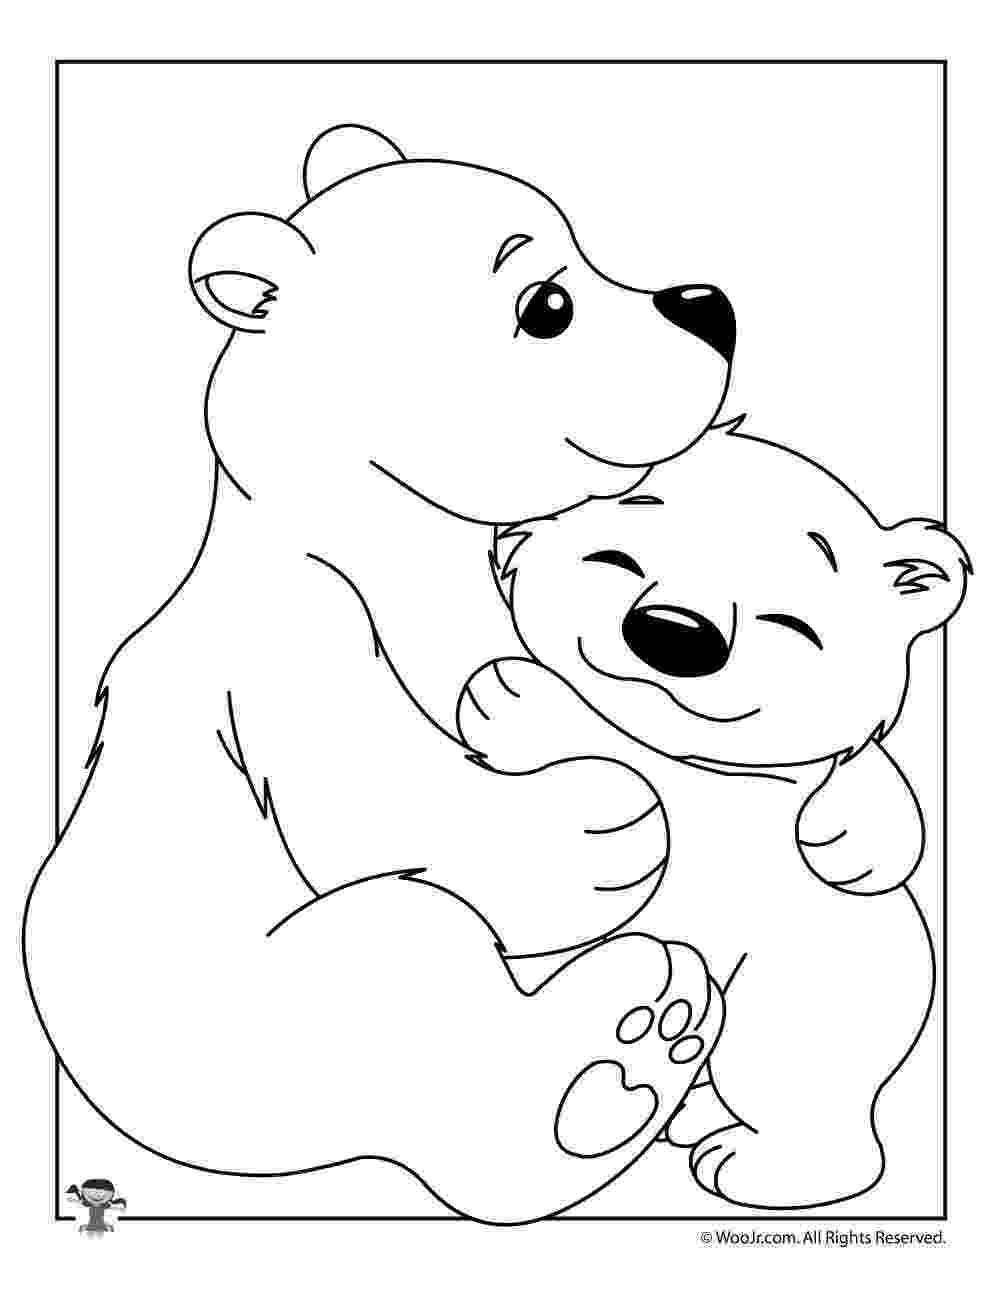 coloring book polar bear polar bear walking coloring page free printable coloring bear polar coloring book